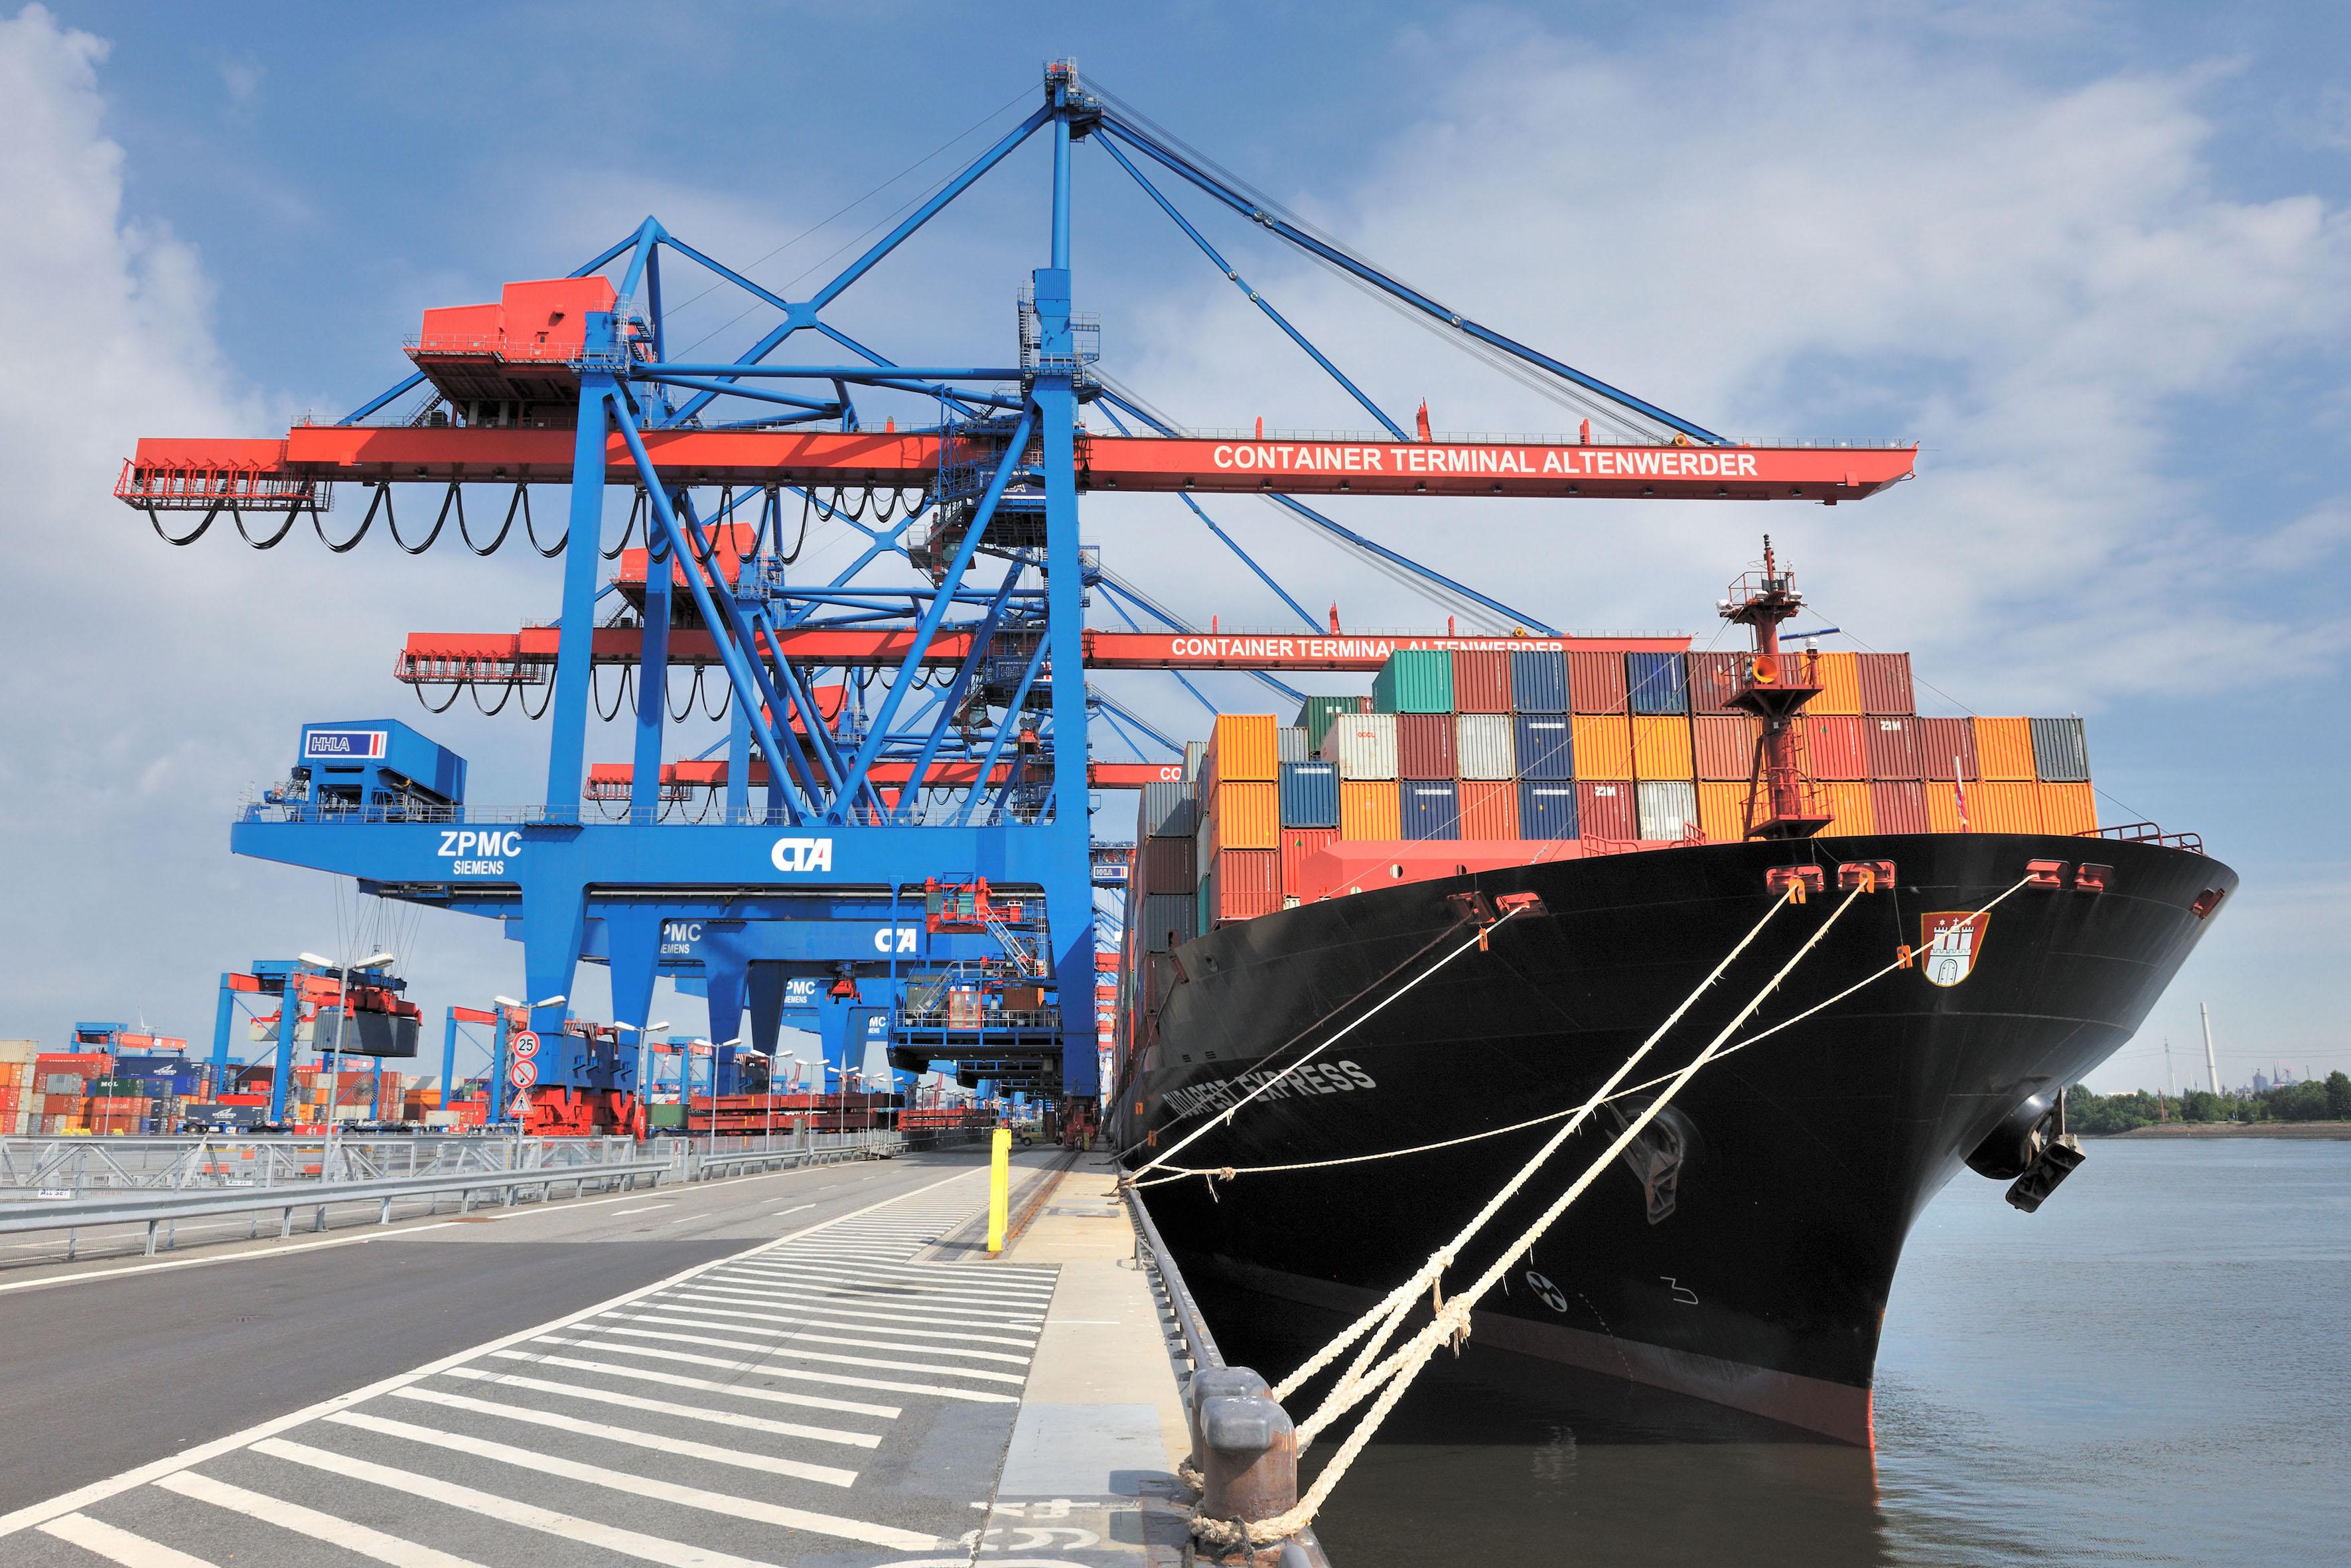 Containerterminal Altenwerder 08